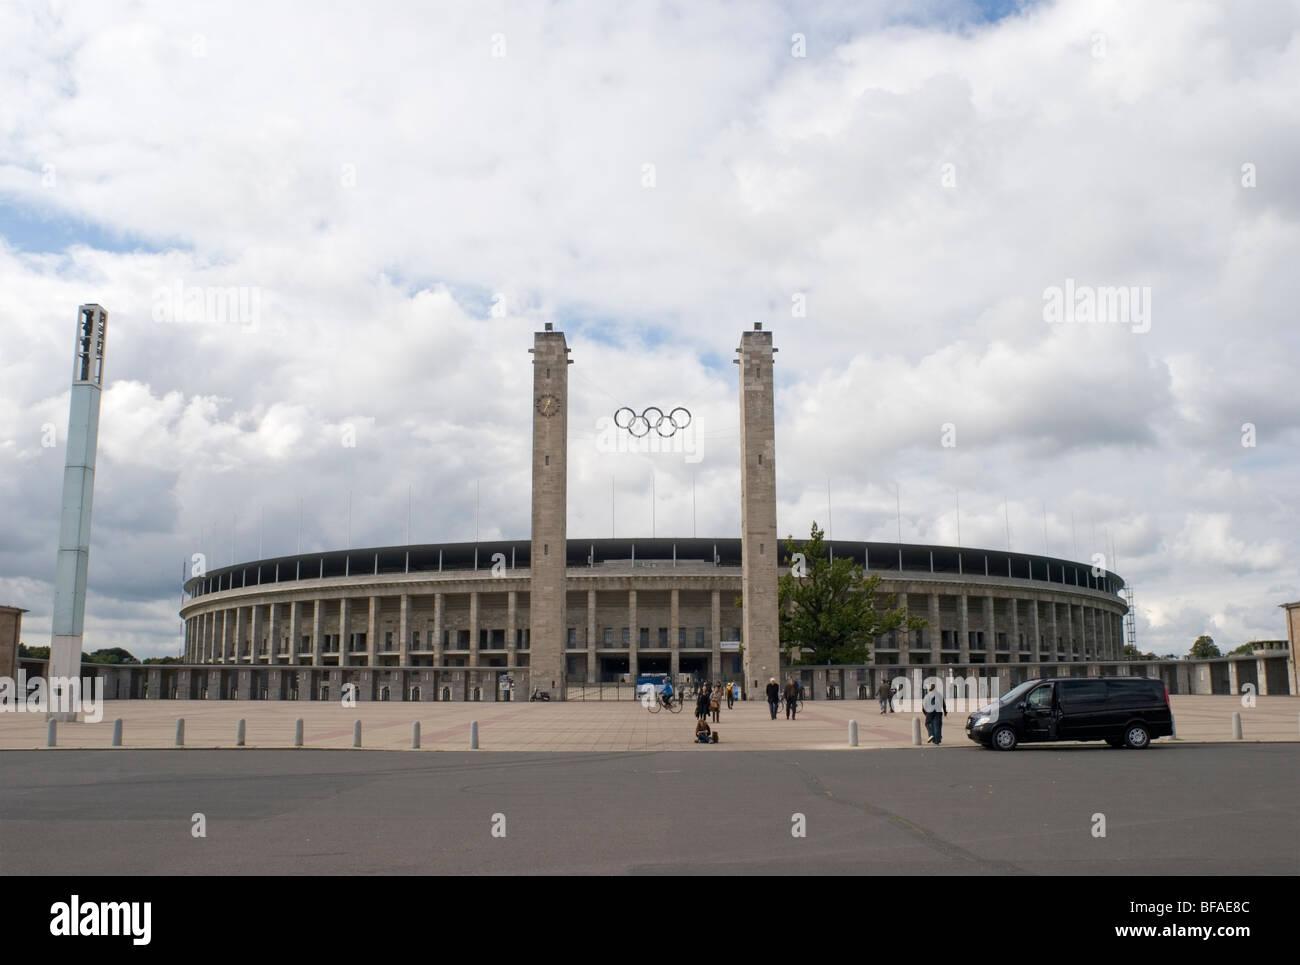 Außenbereich des Olympiastadion - Berlin - Deutschland Stockbild